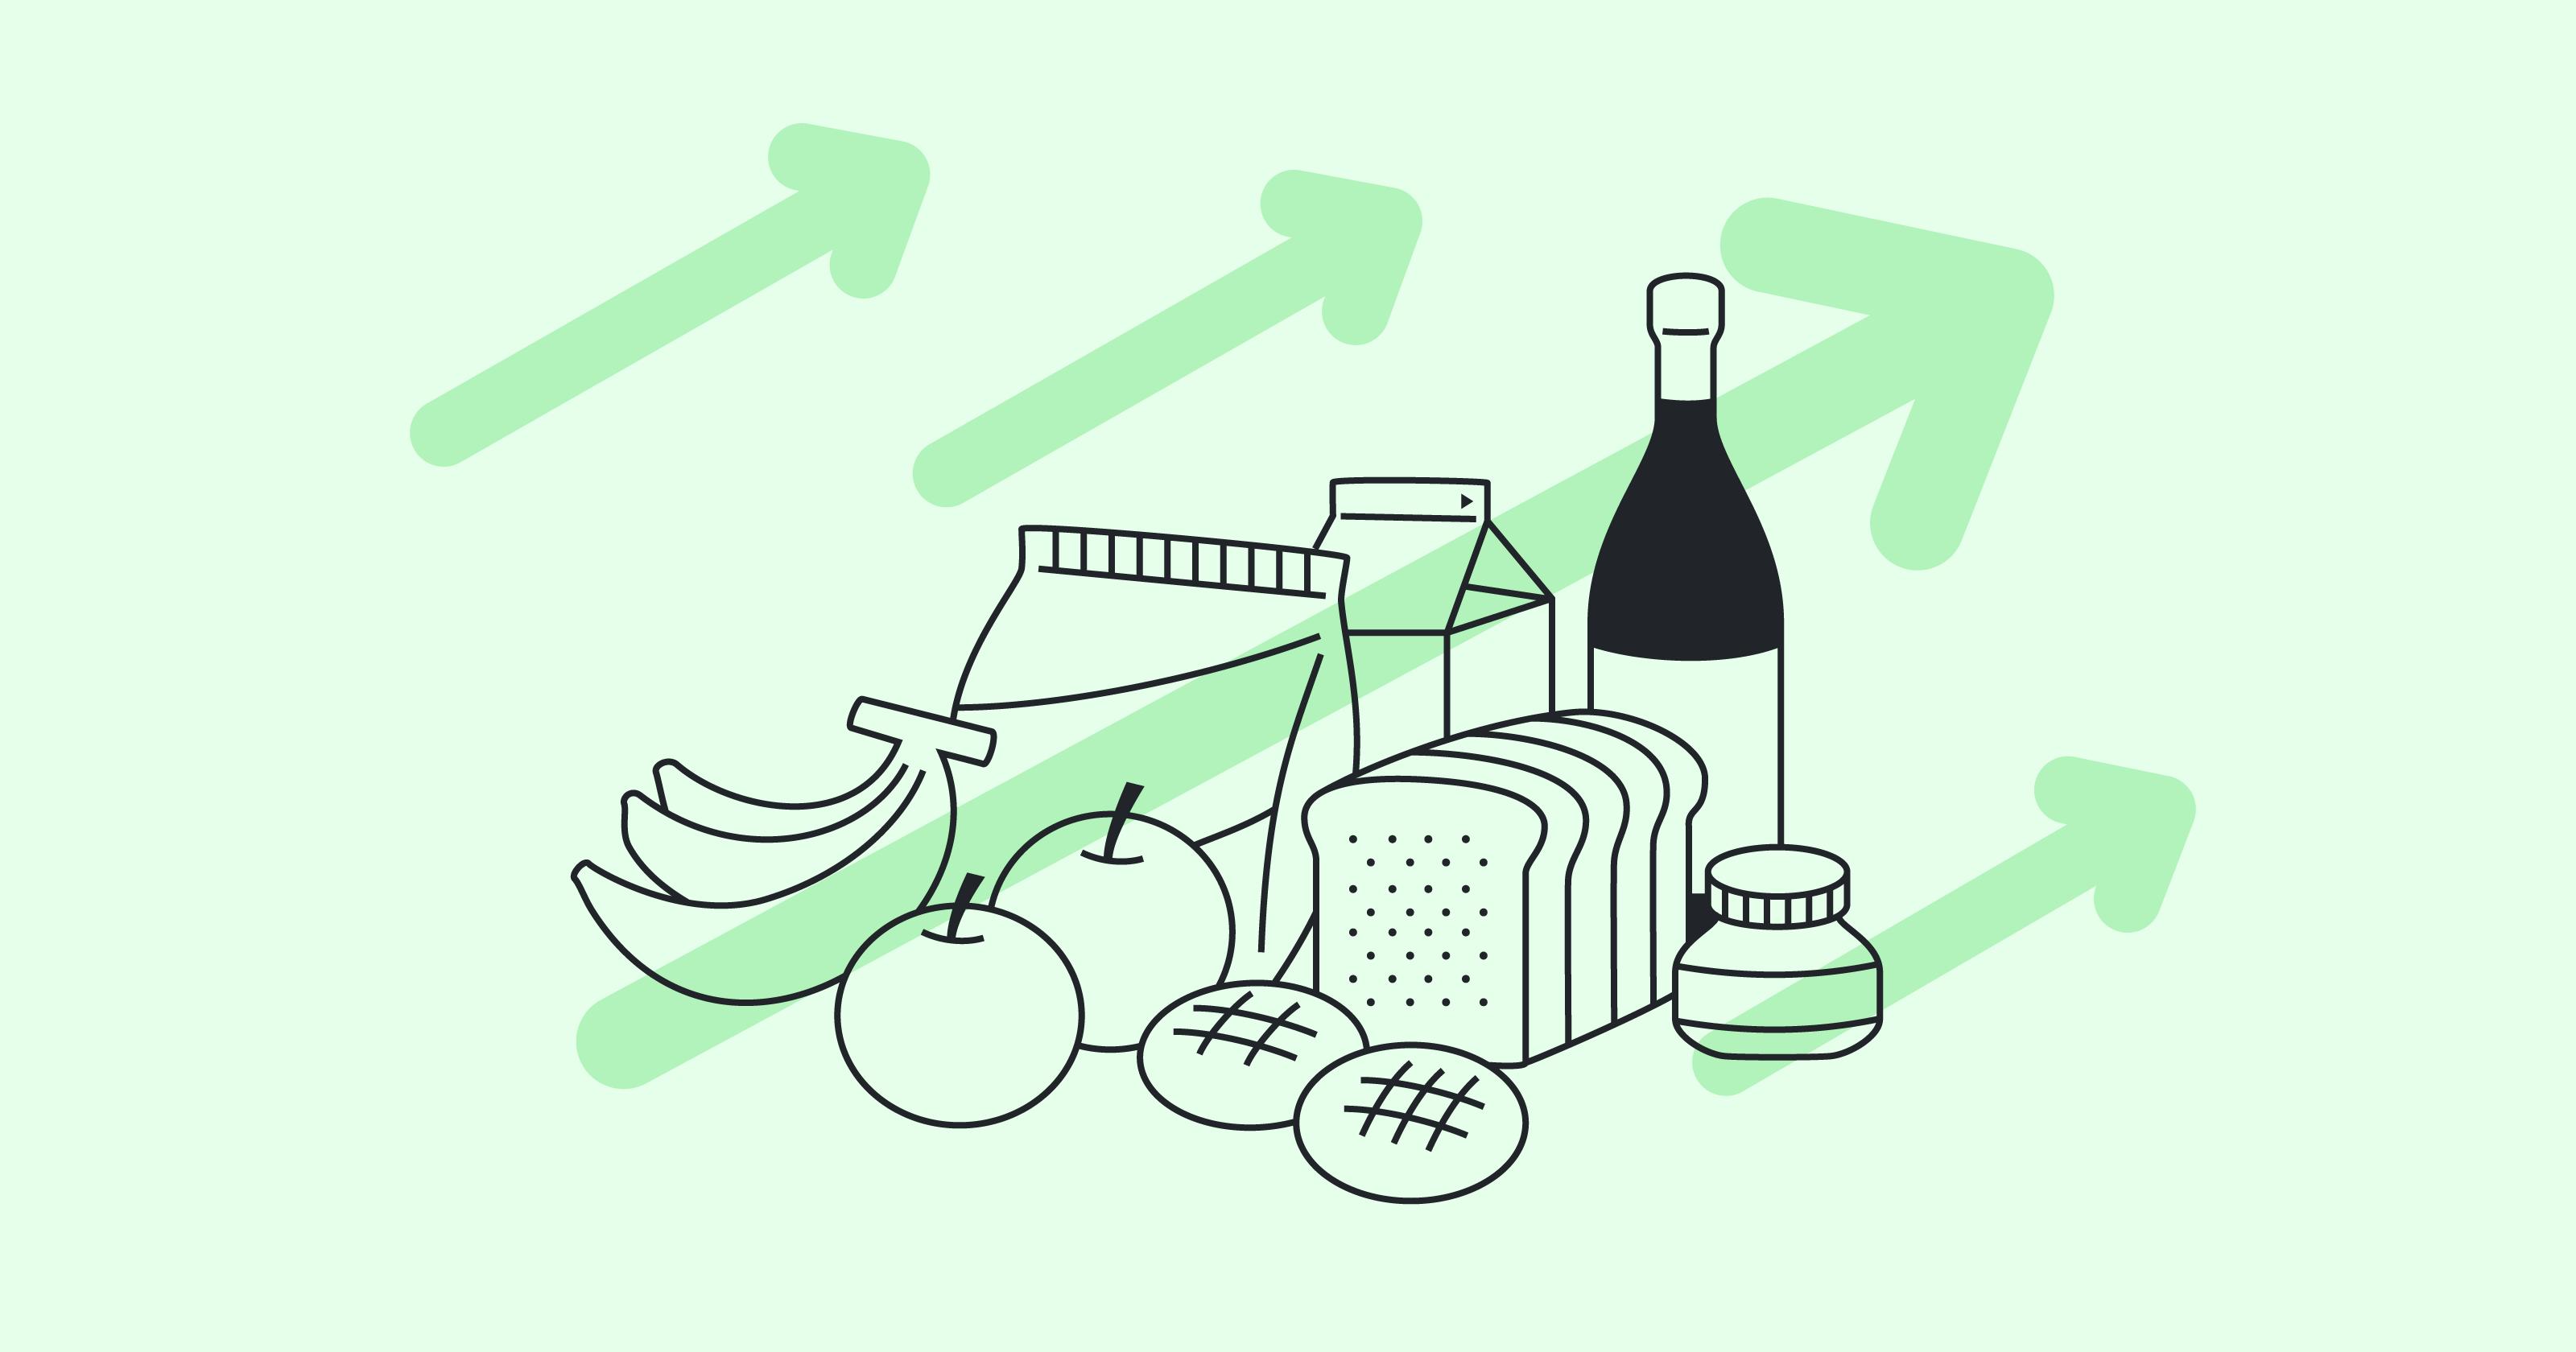 昨年比45%増、非常事態宣言下で食料品のオンラインショッピング需要増をどう見るか? | マネーツリーデータ